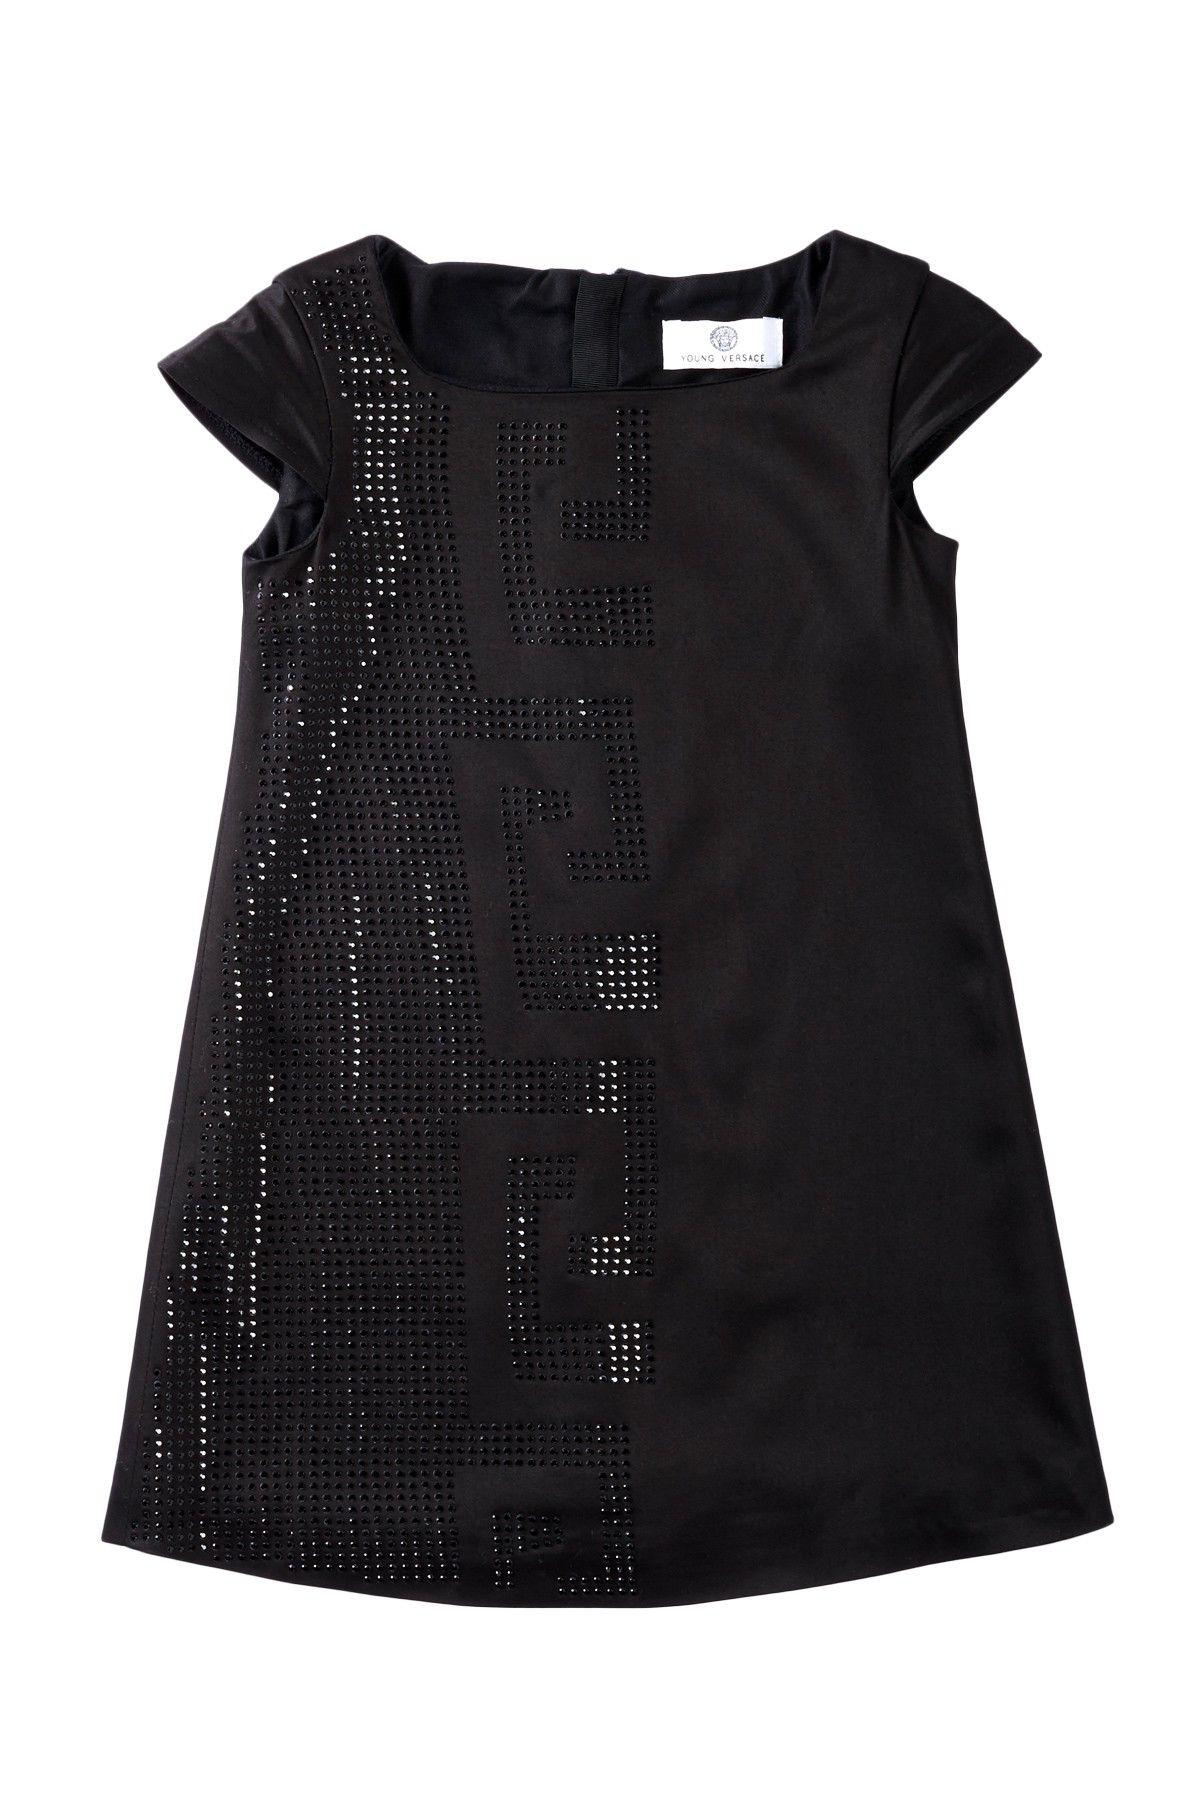 d4f7fb612 Young Versace Greek Key Shift Dress (Toddler Girls & Little Girls) by  Versace on @HauteLook